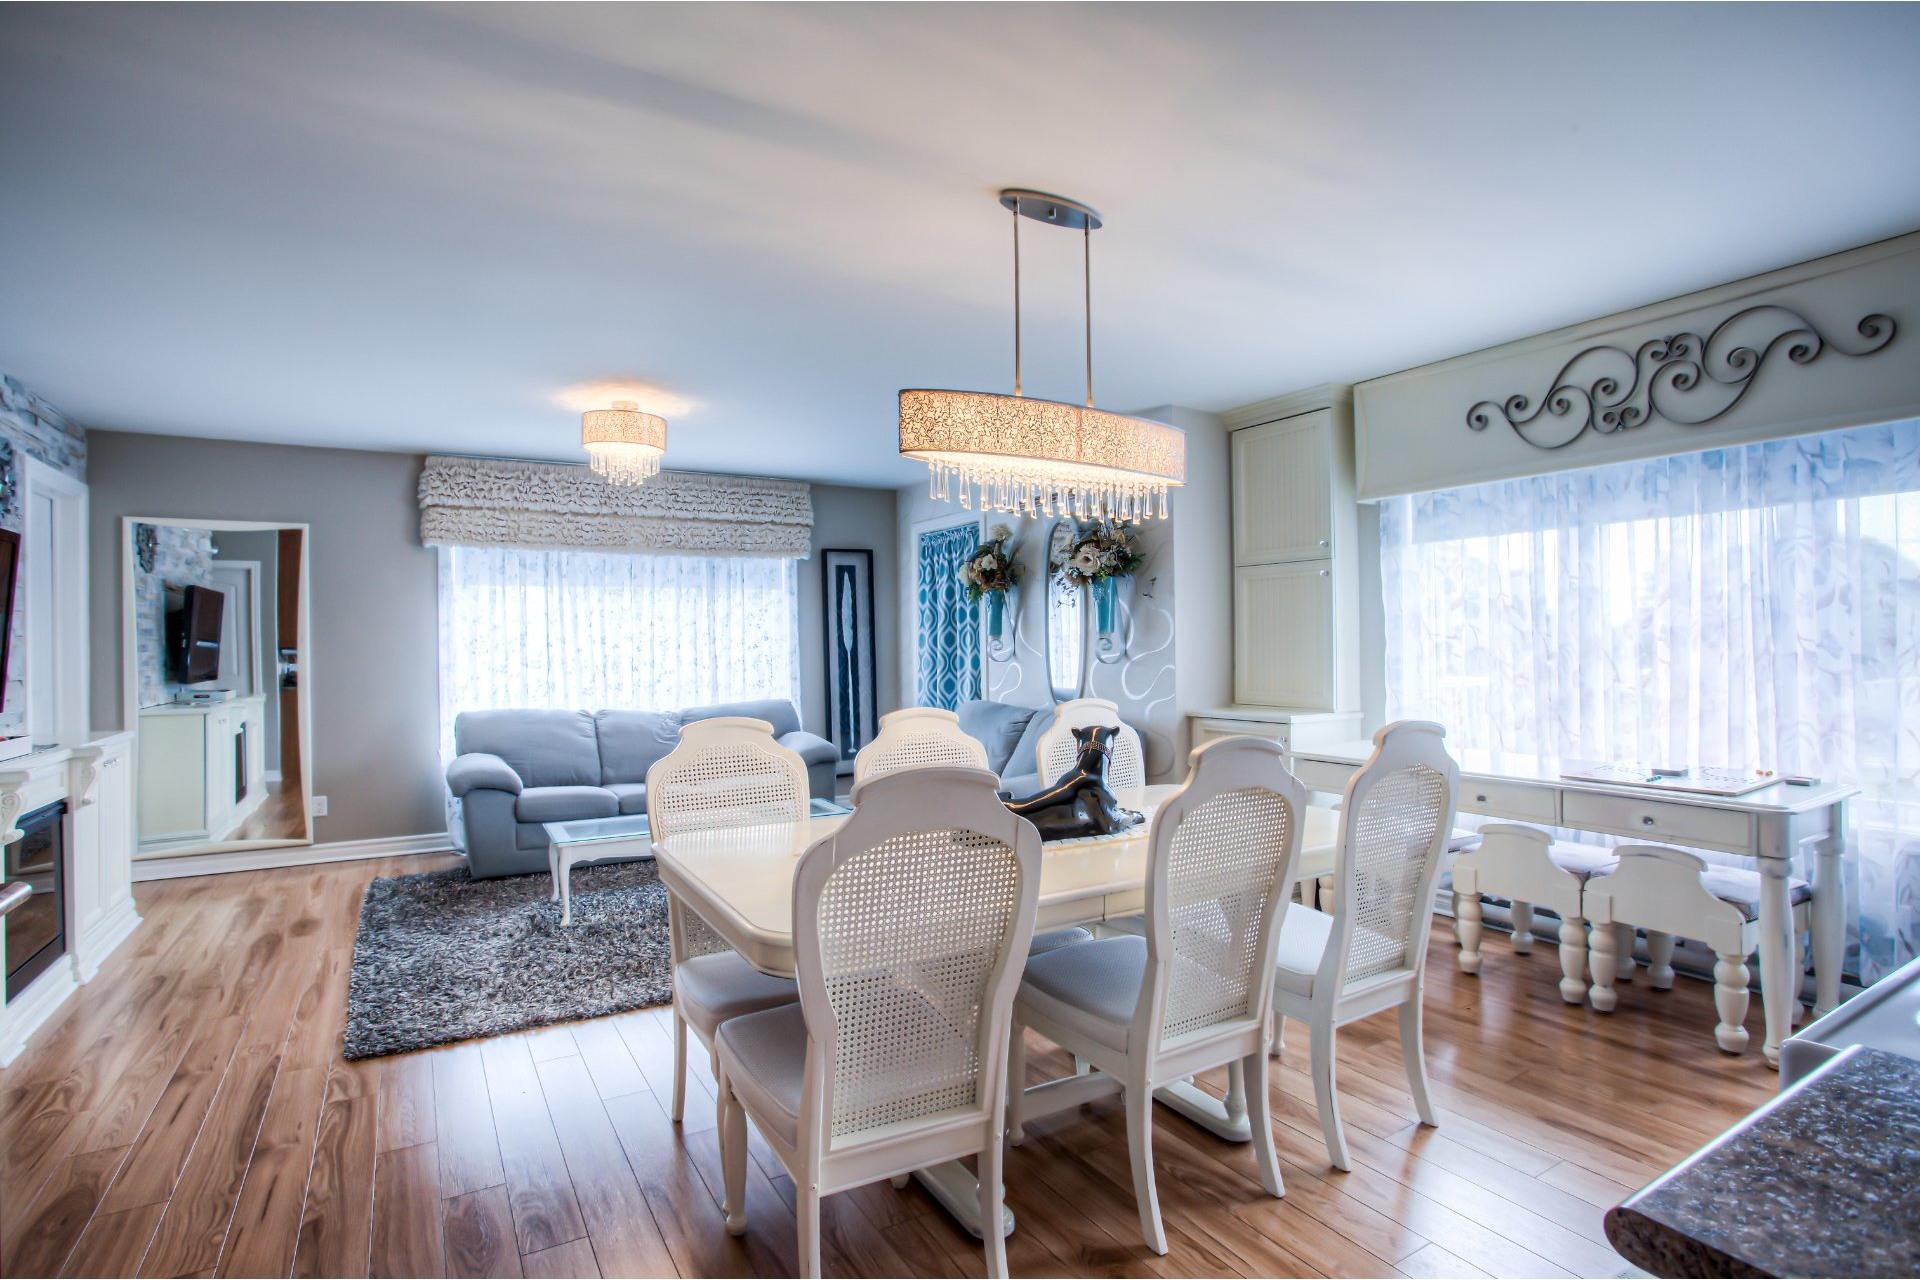 image 6 - Apartment For sale Pointe-des-Cascades - 6 rooms